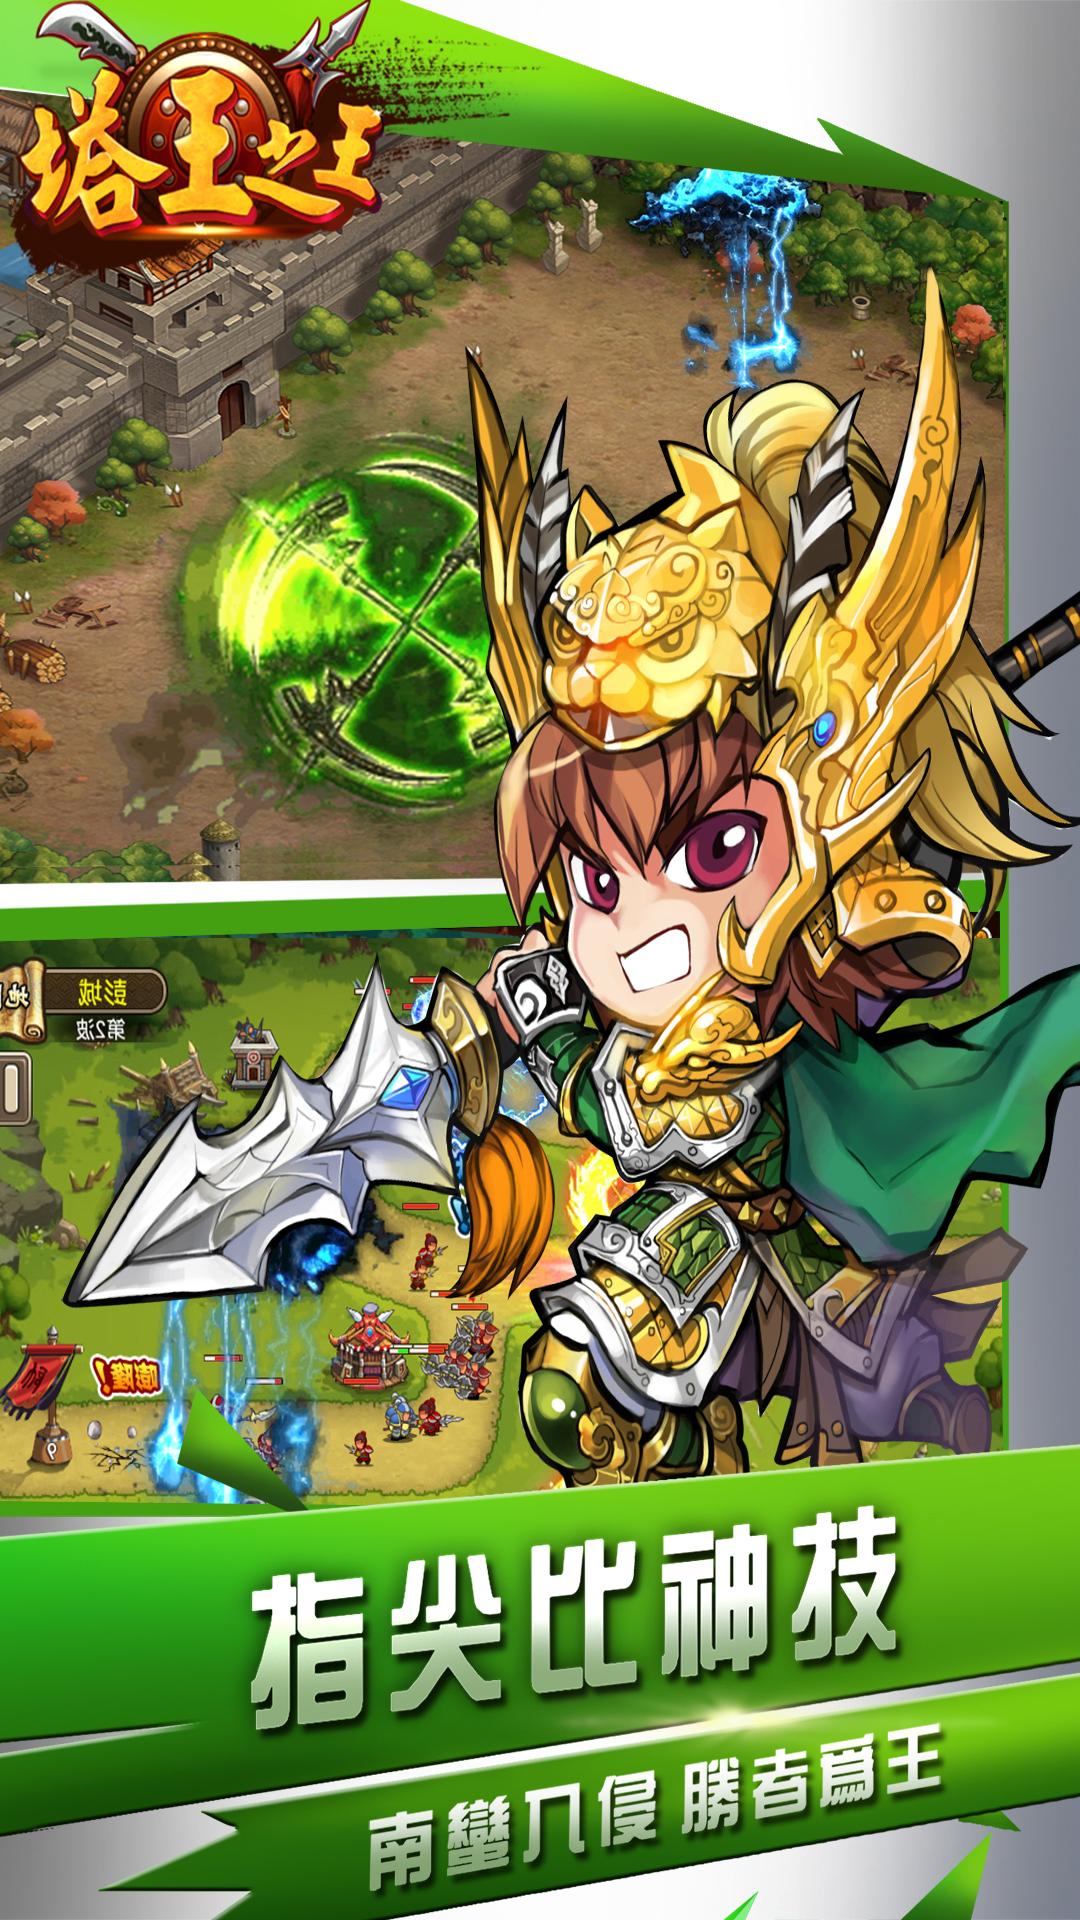 塔王之王-策略塔防-安卓android手机游戏下载-nearme